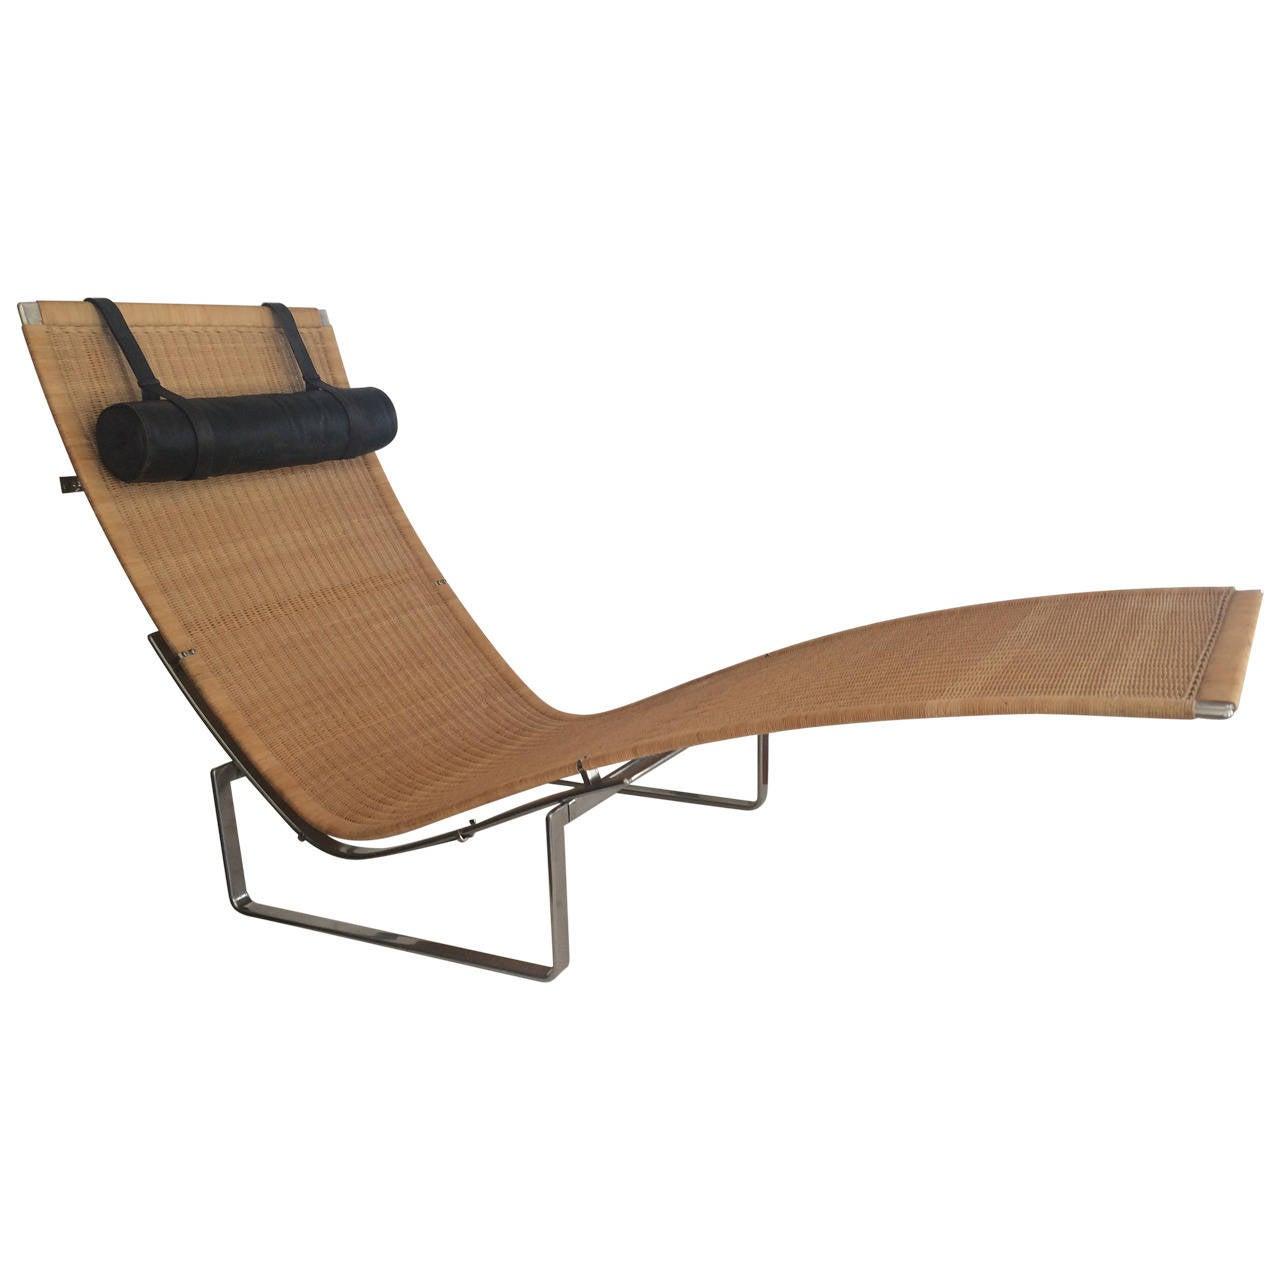 Poul Kjærholm Lounge Chair, PK 24 1